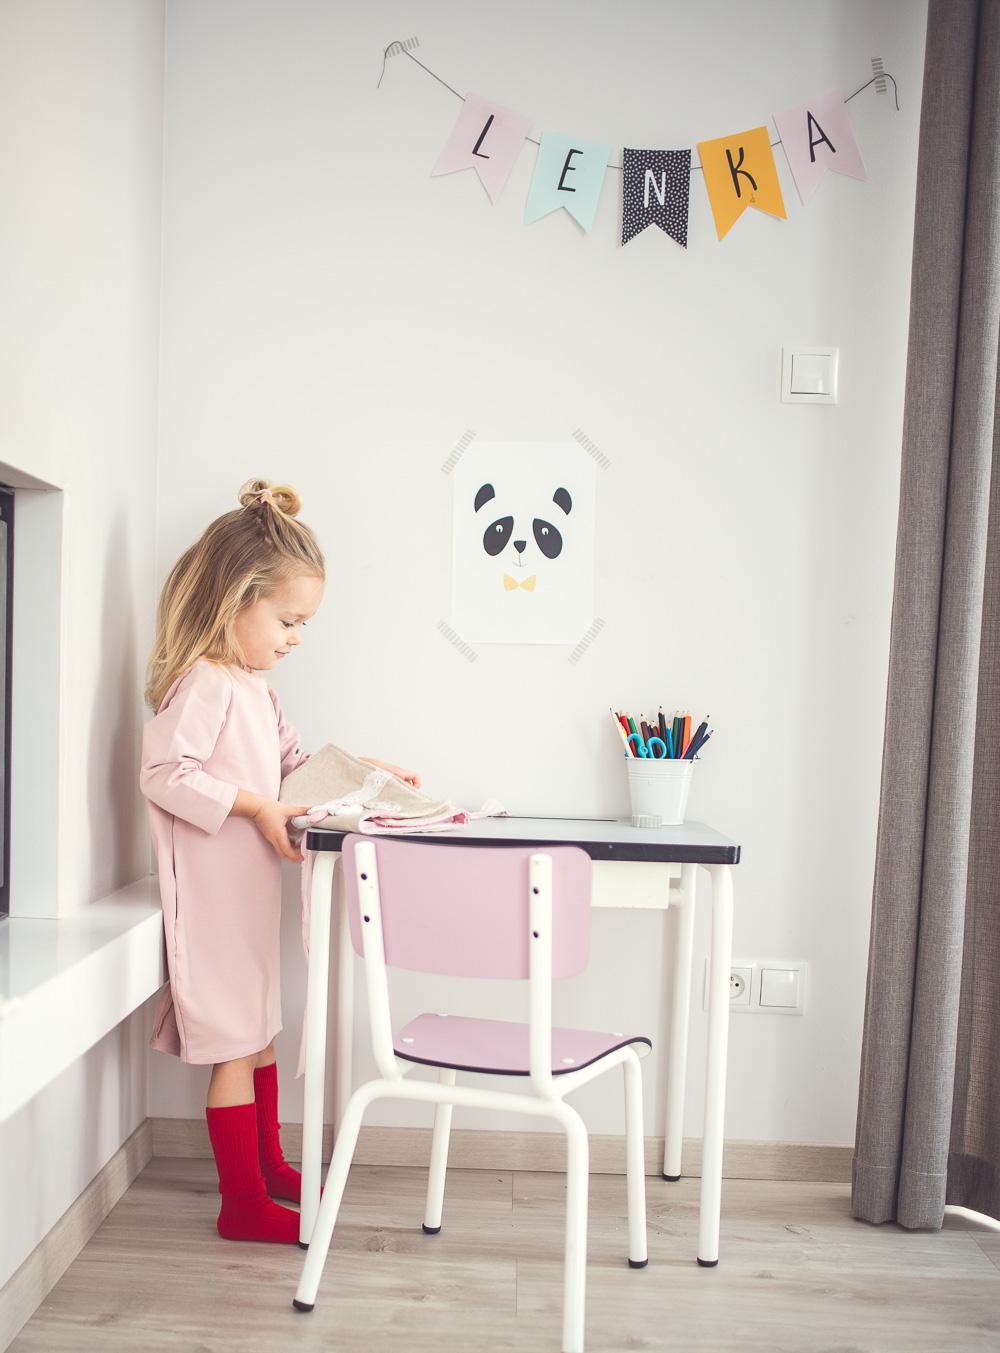 plakaty w pokoju dziewczynki